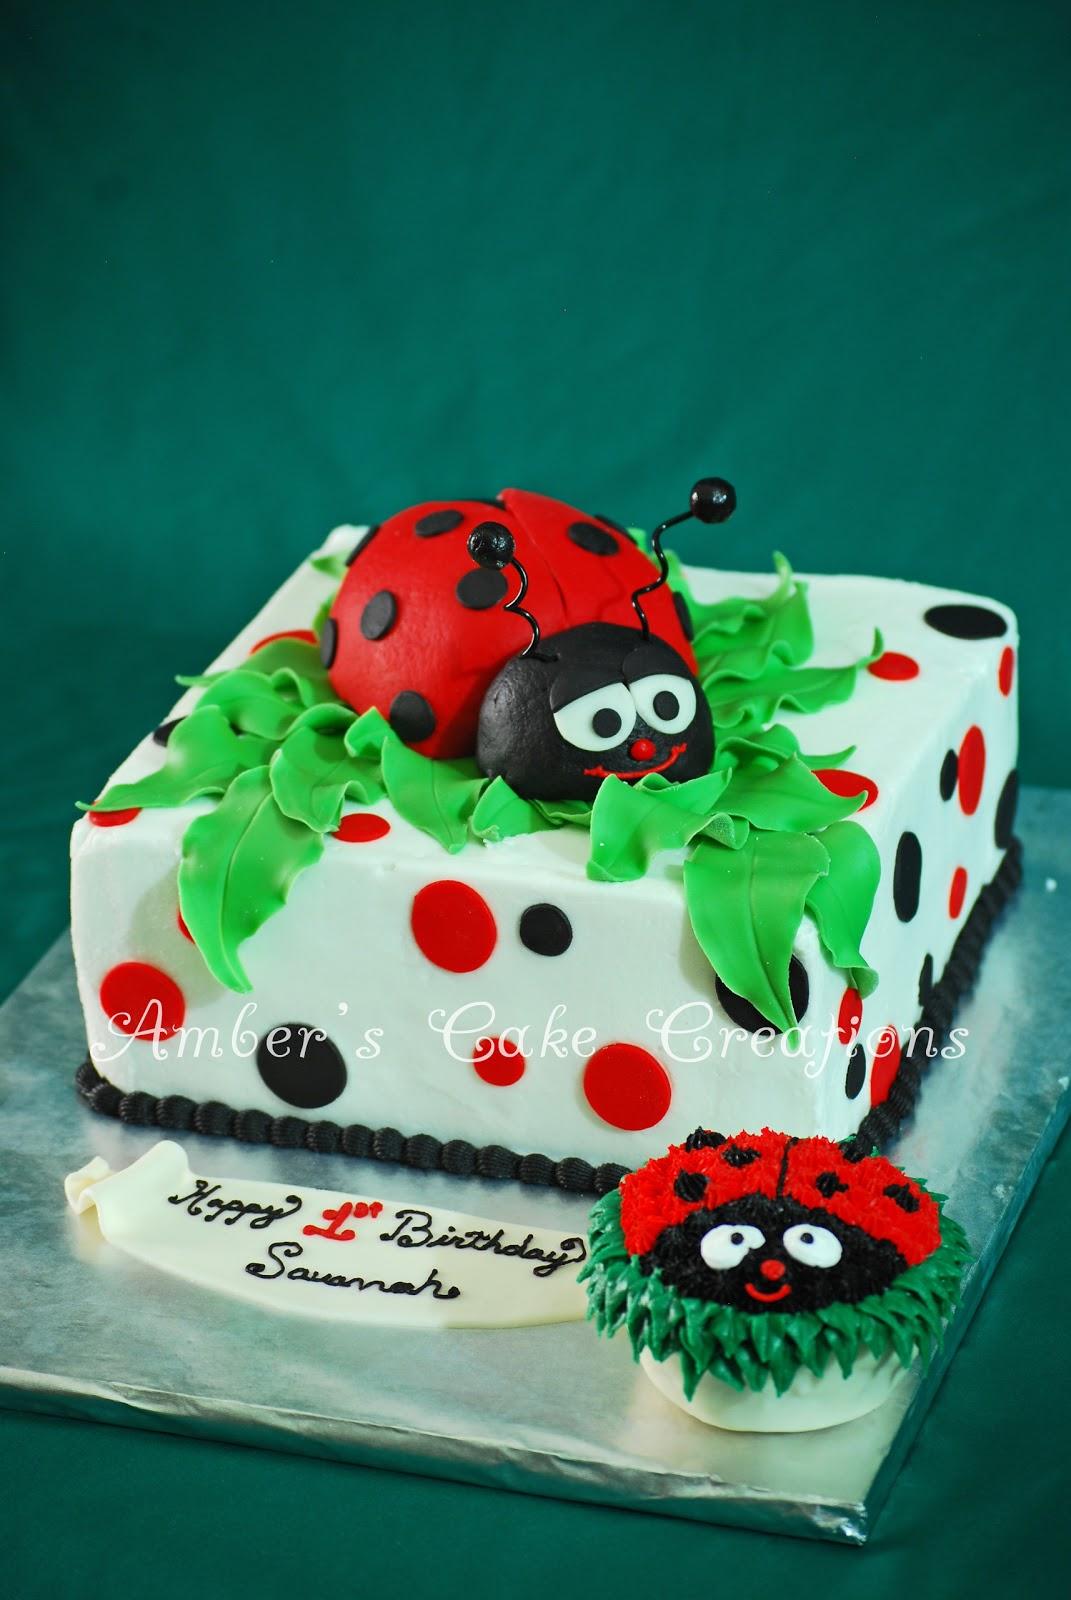 Ladybug Birthday Cakes Images